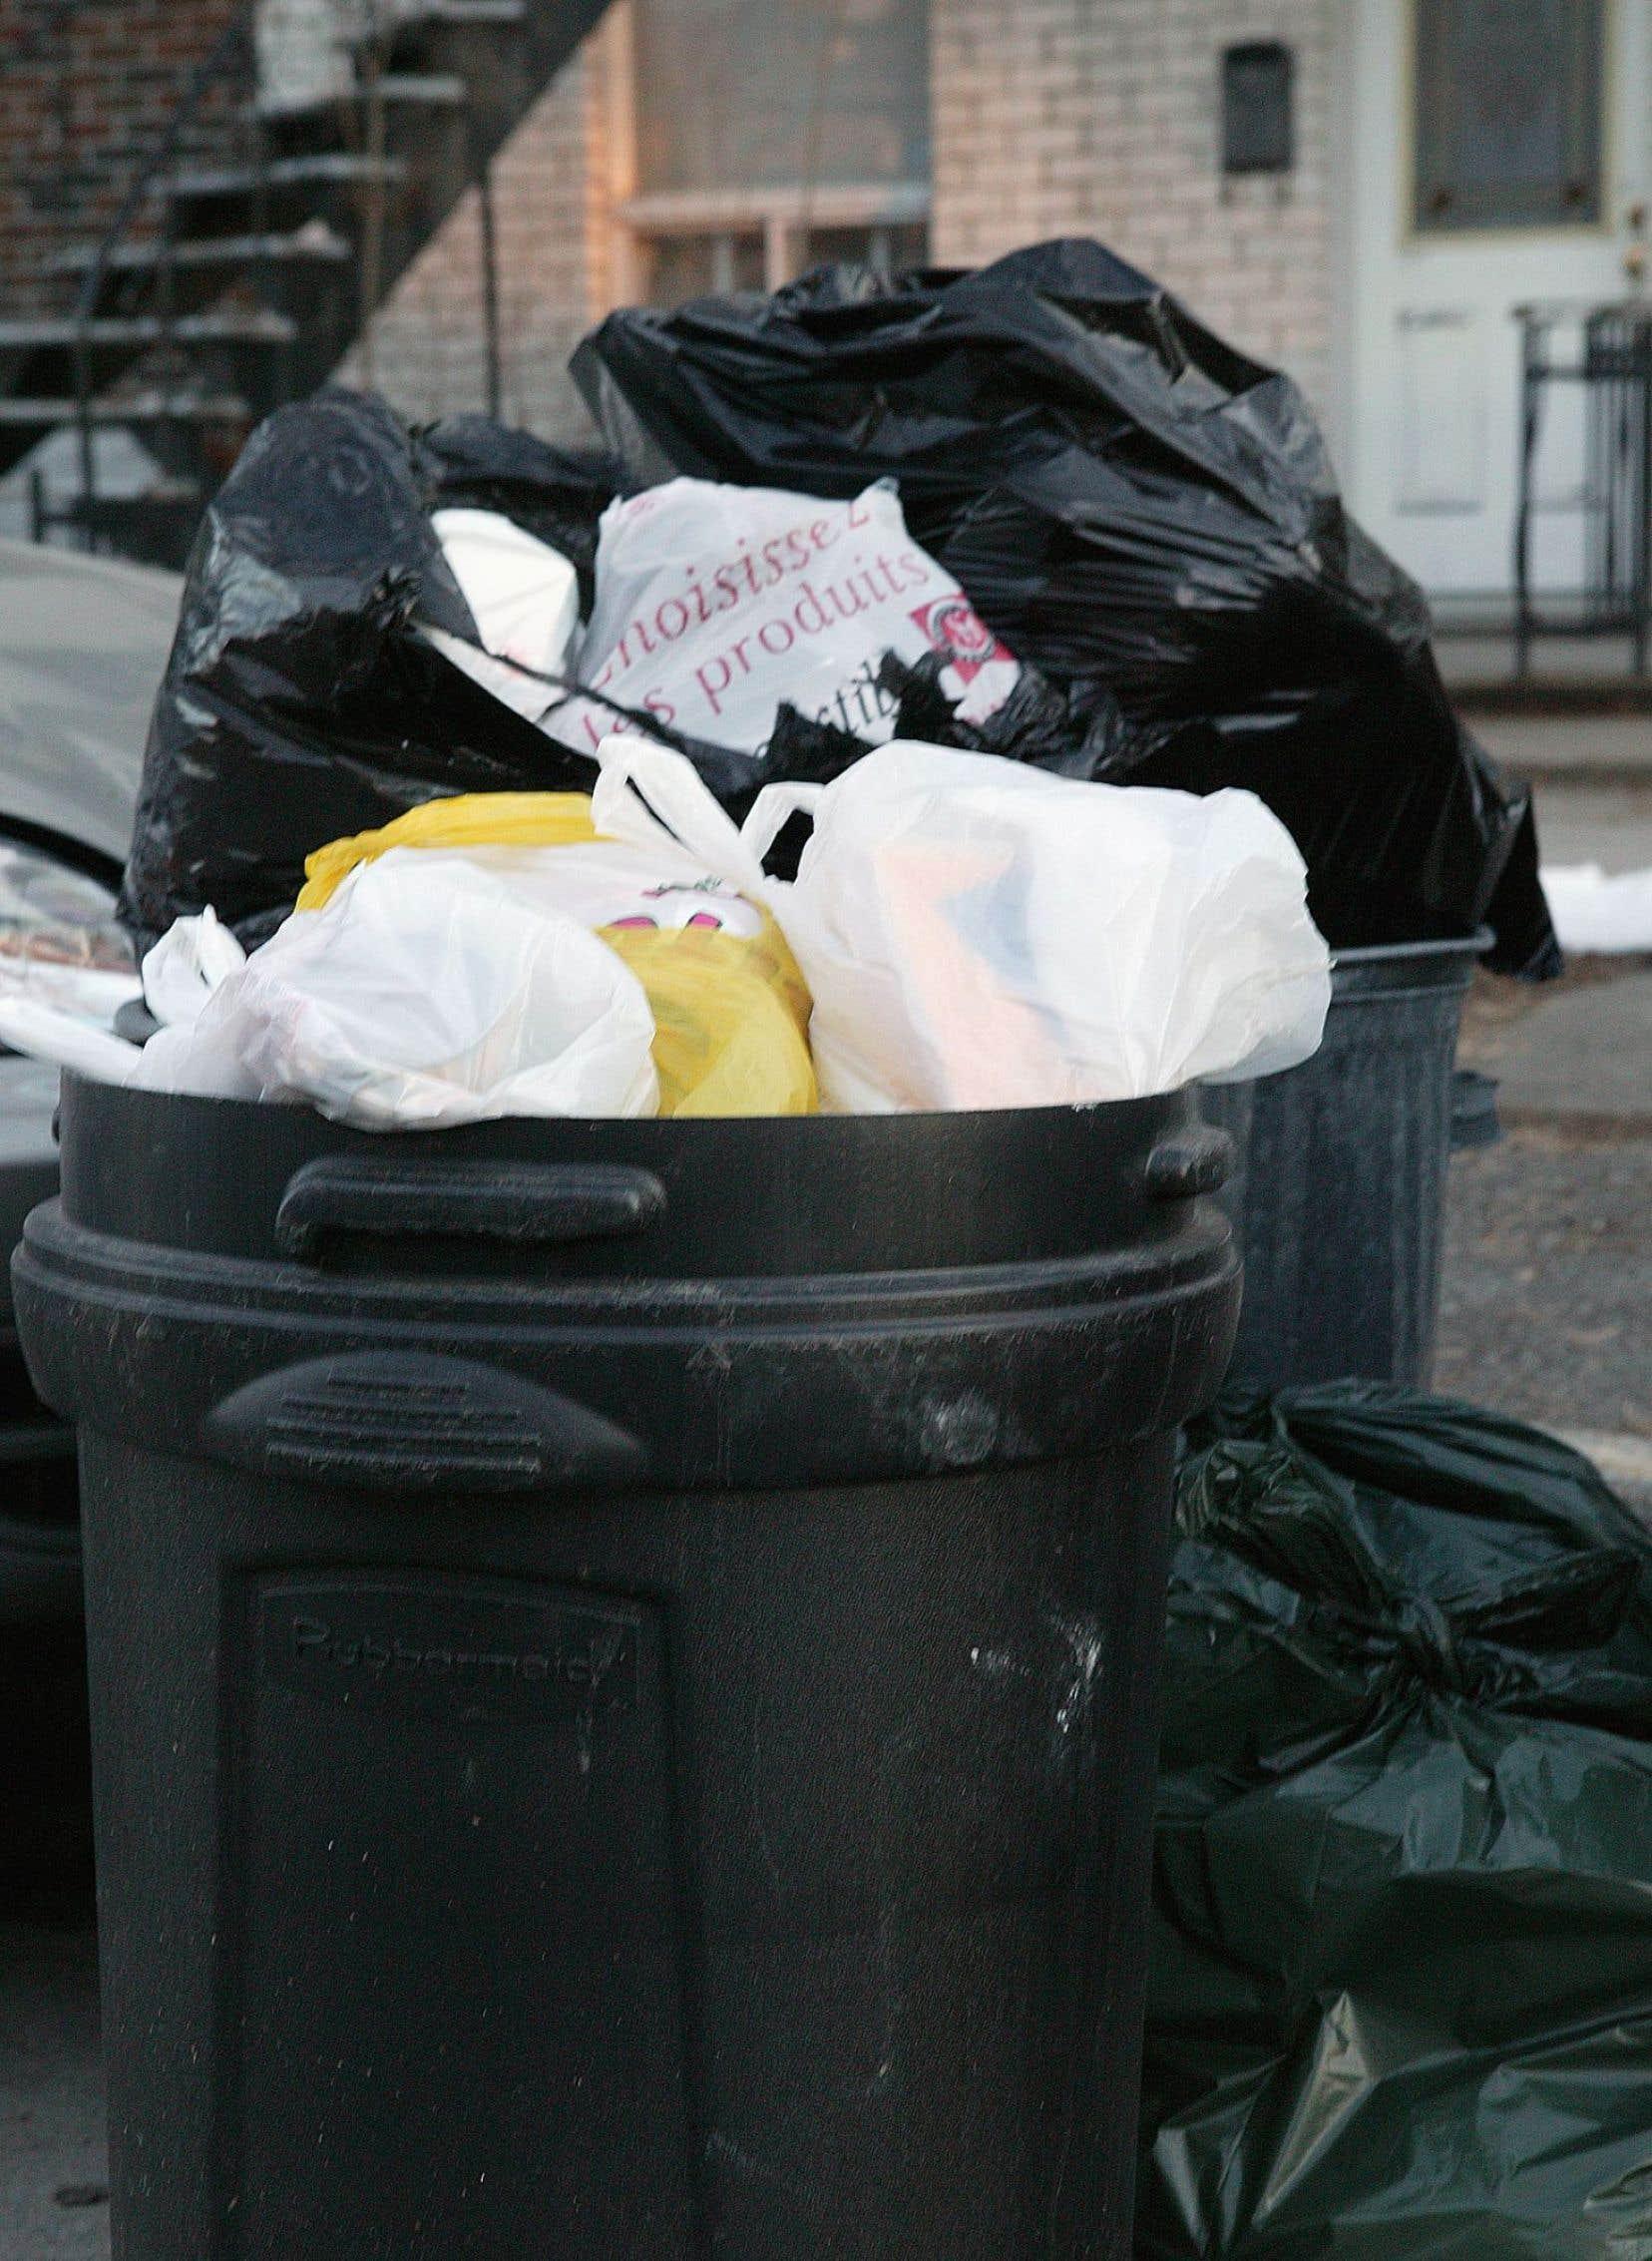 La Commission sur l'eau, l'environnement et le développement durable conclut que la Ville devrait interdire l'utilisation des sacs légers d'une épaisseur inférieure à 50 microns.